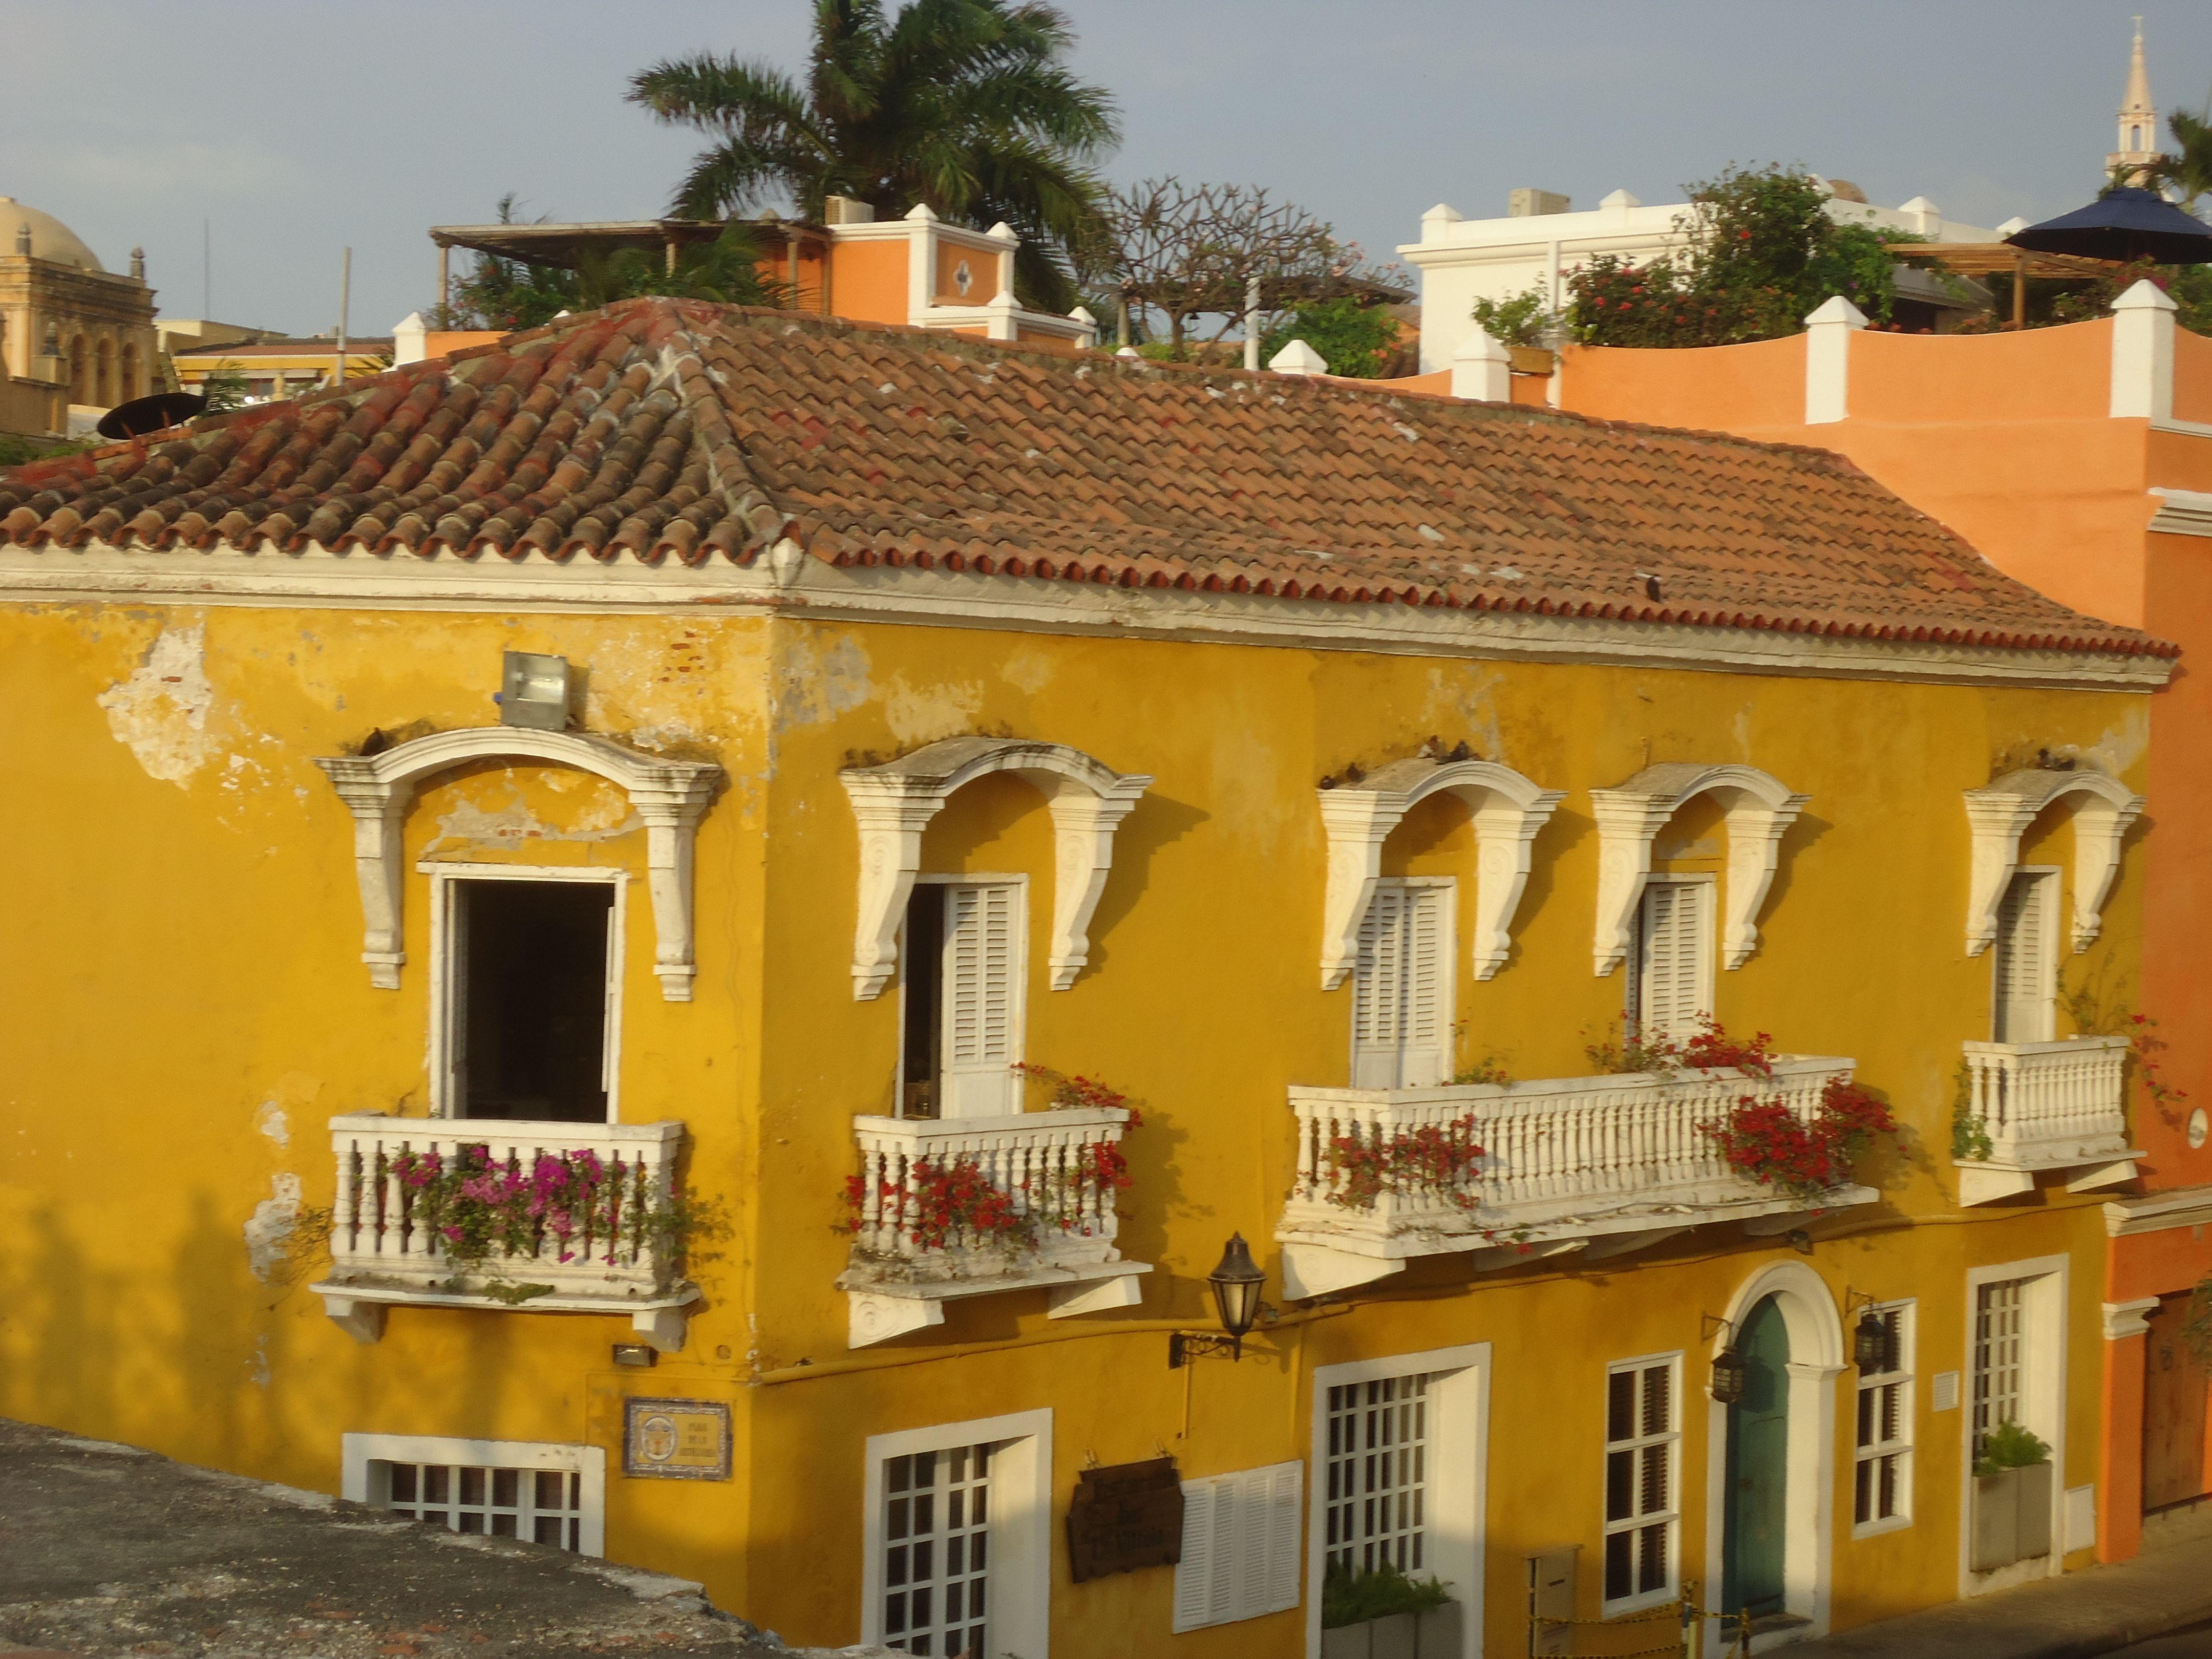 Casa del Centro de Cartagena de Indias Cartagena de